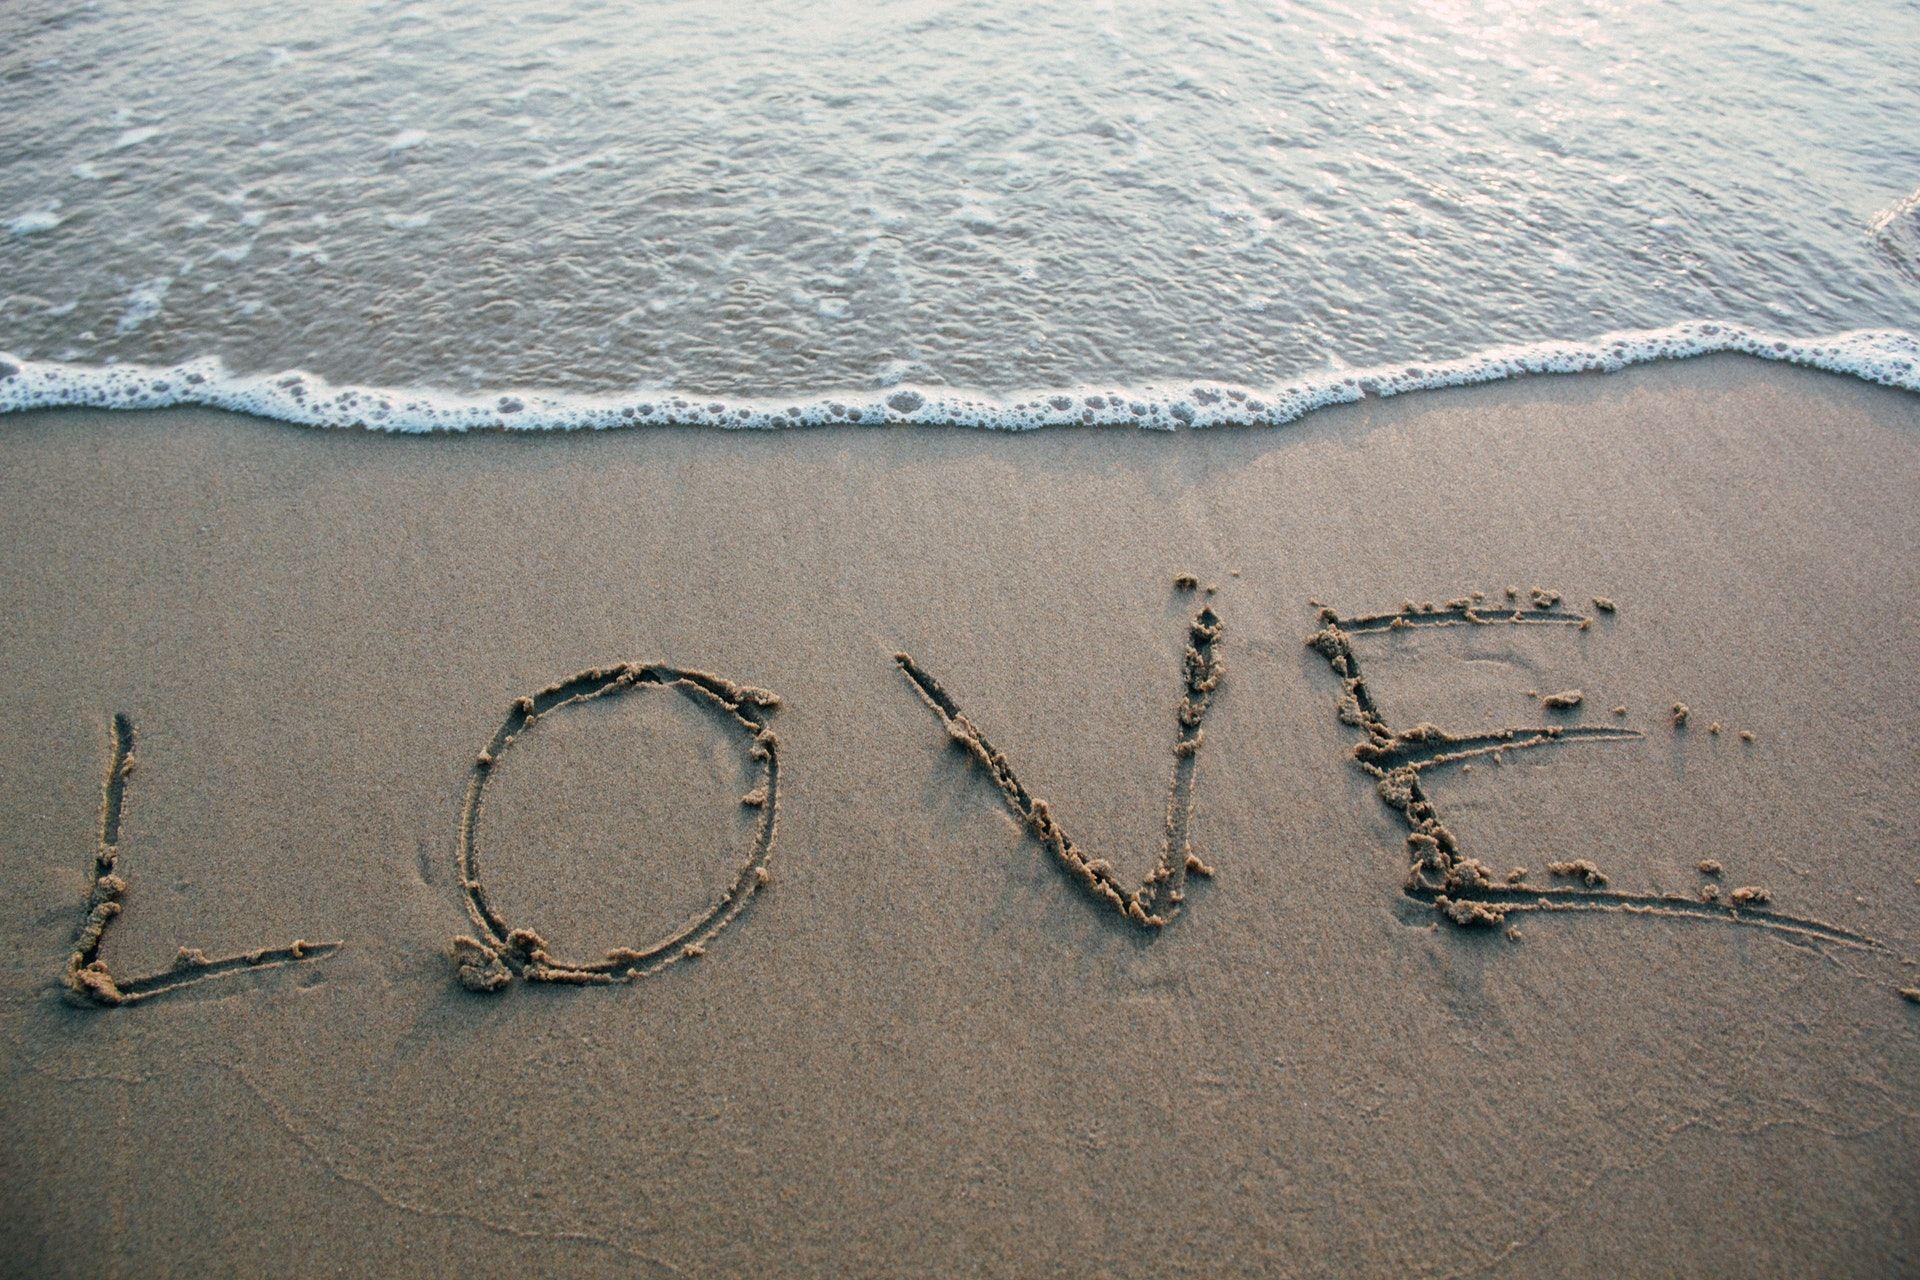 عکس زمینه متن عشق بر روی ساحل دریا پس زمینه